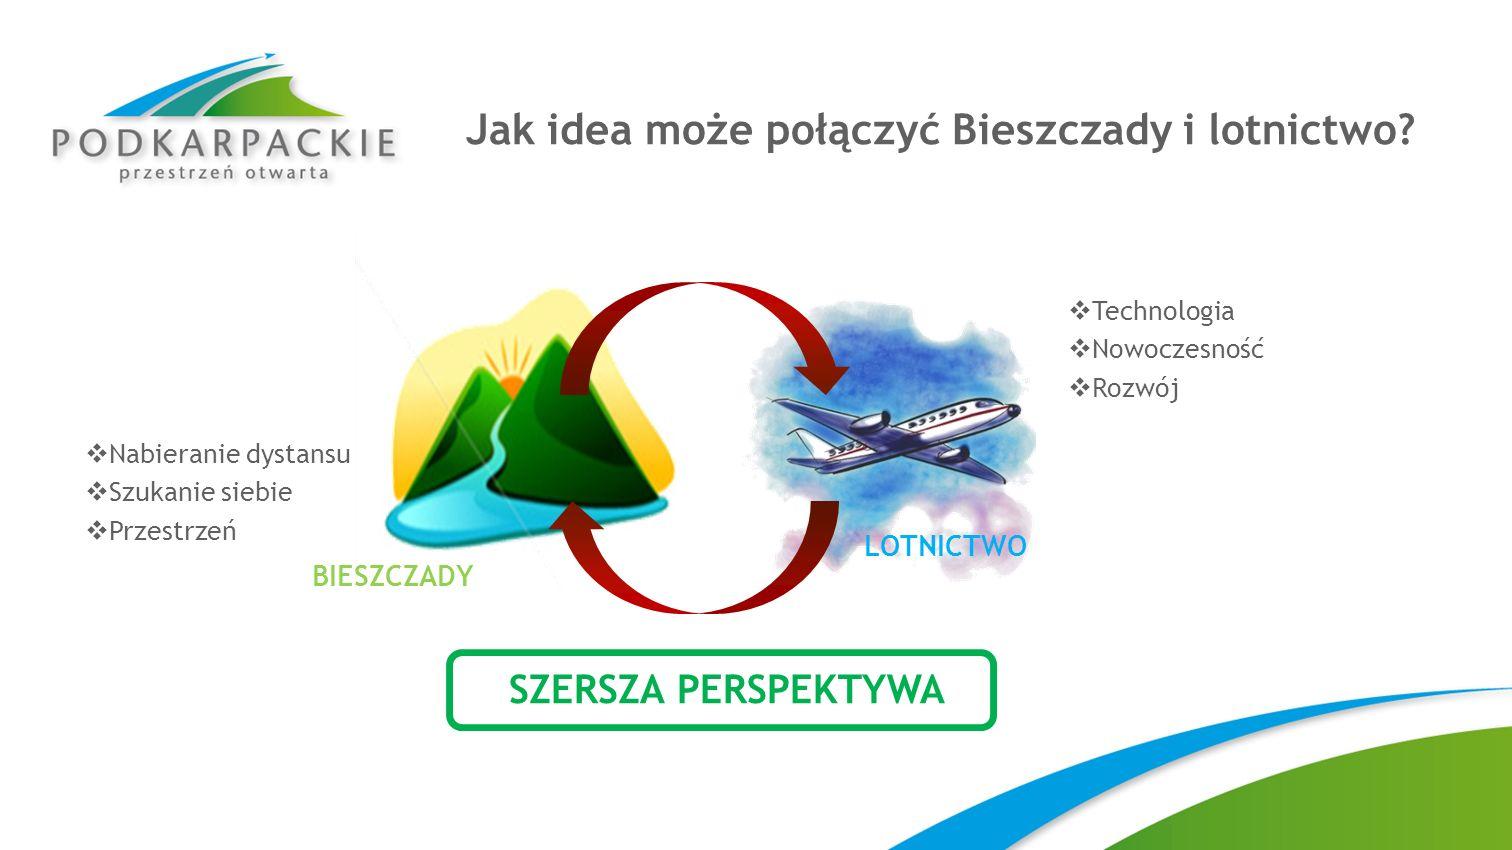 Jak idea może połączyć Bieszczady i lotnictwo? SZERSZA PERSPEKTYWA BIESZCZADY LOTNICTWO Nabieranie dystansu Szukanie siebie Przestrzeń Technologia Now